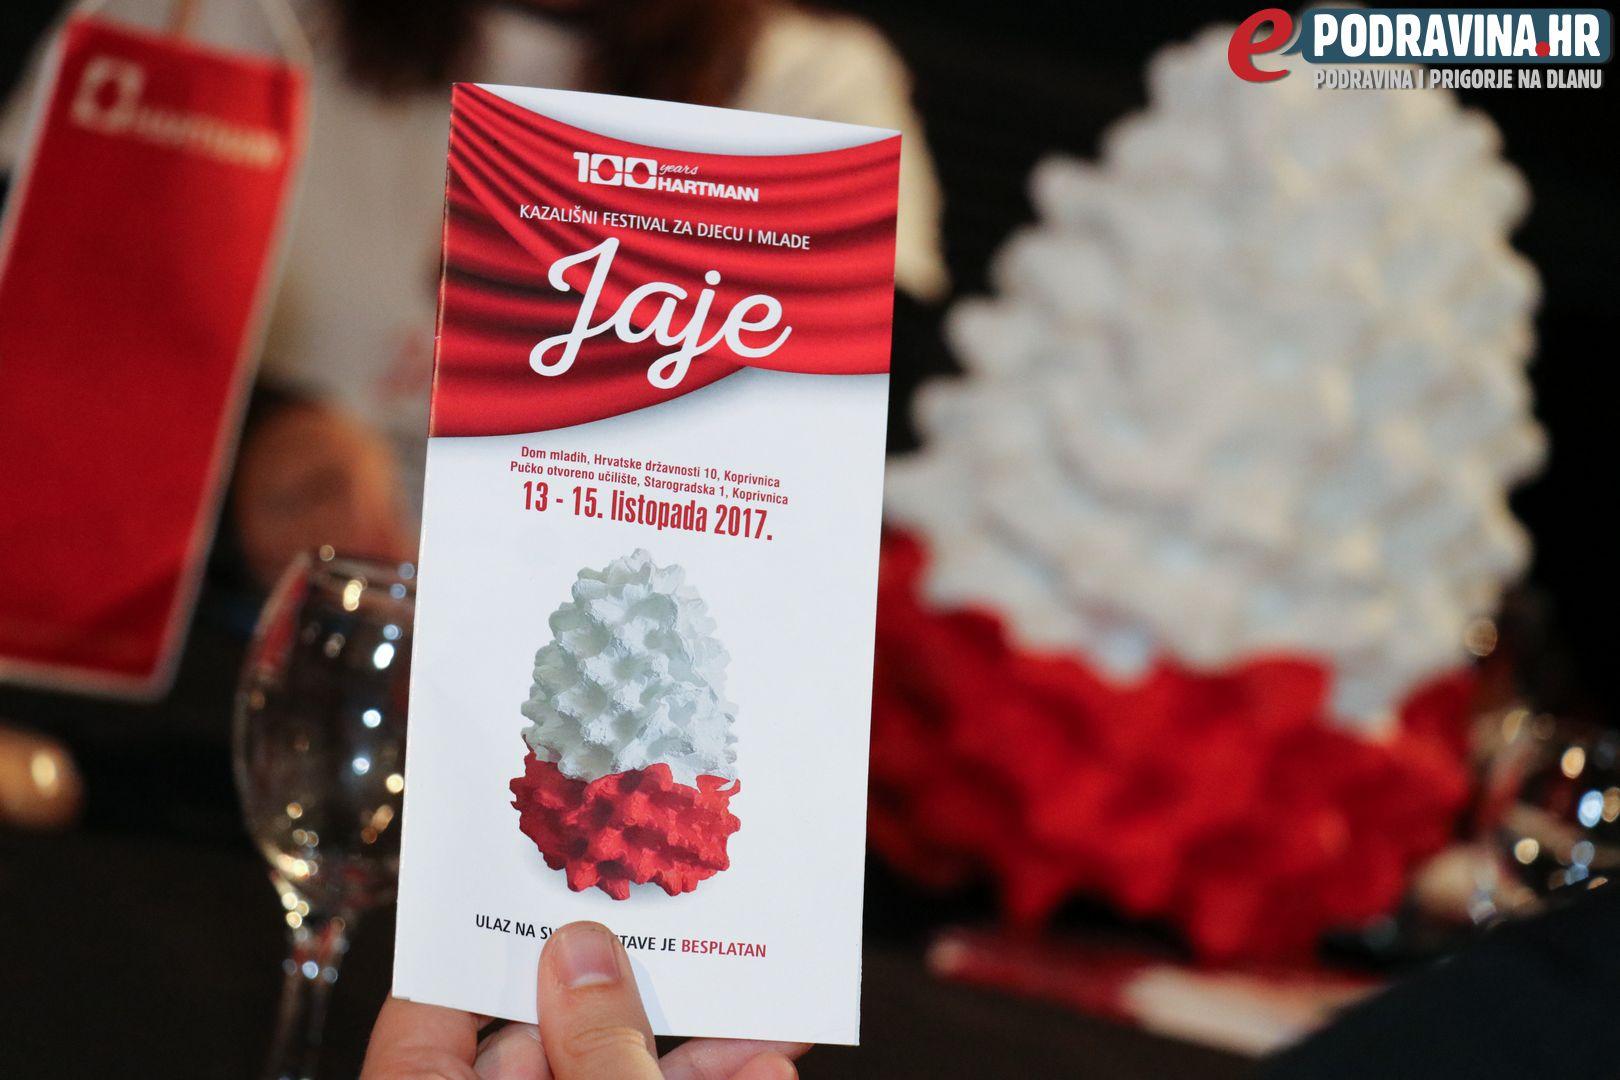 Kazališni festival za djecu i mlade Jaje - Pressica 09.10.2017. // Foto: Matija Gudlin